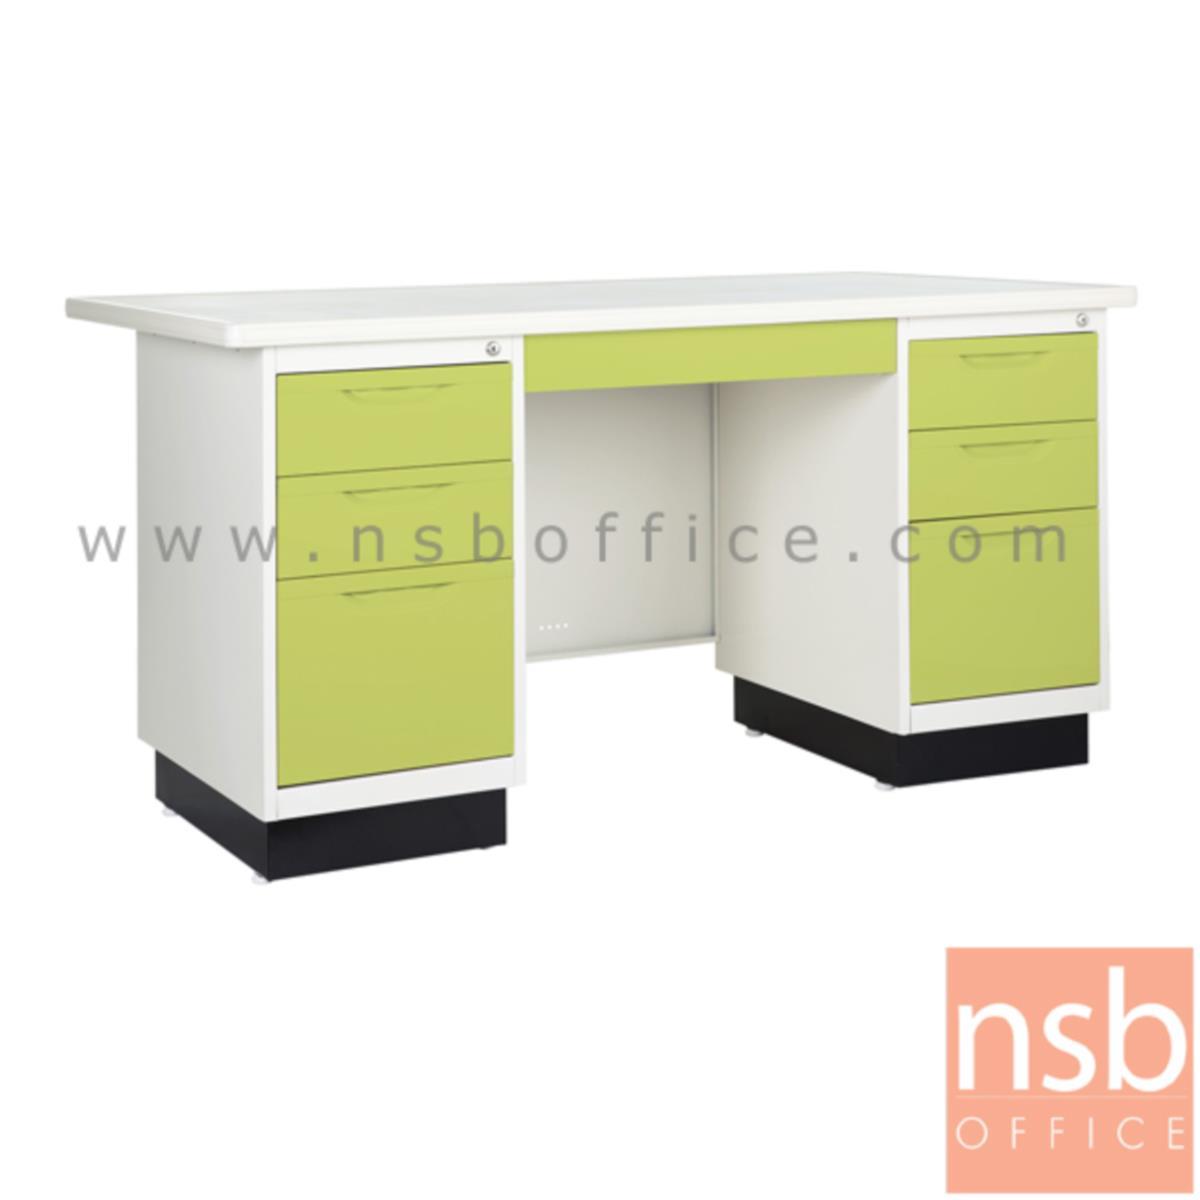 E22A010:โต๊ะทำงานหน้าเหล็ก 7 ลิ้นชัก รุ่น BS-8956 ขนาด 4.5 ,5 ฟุต